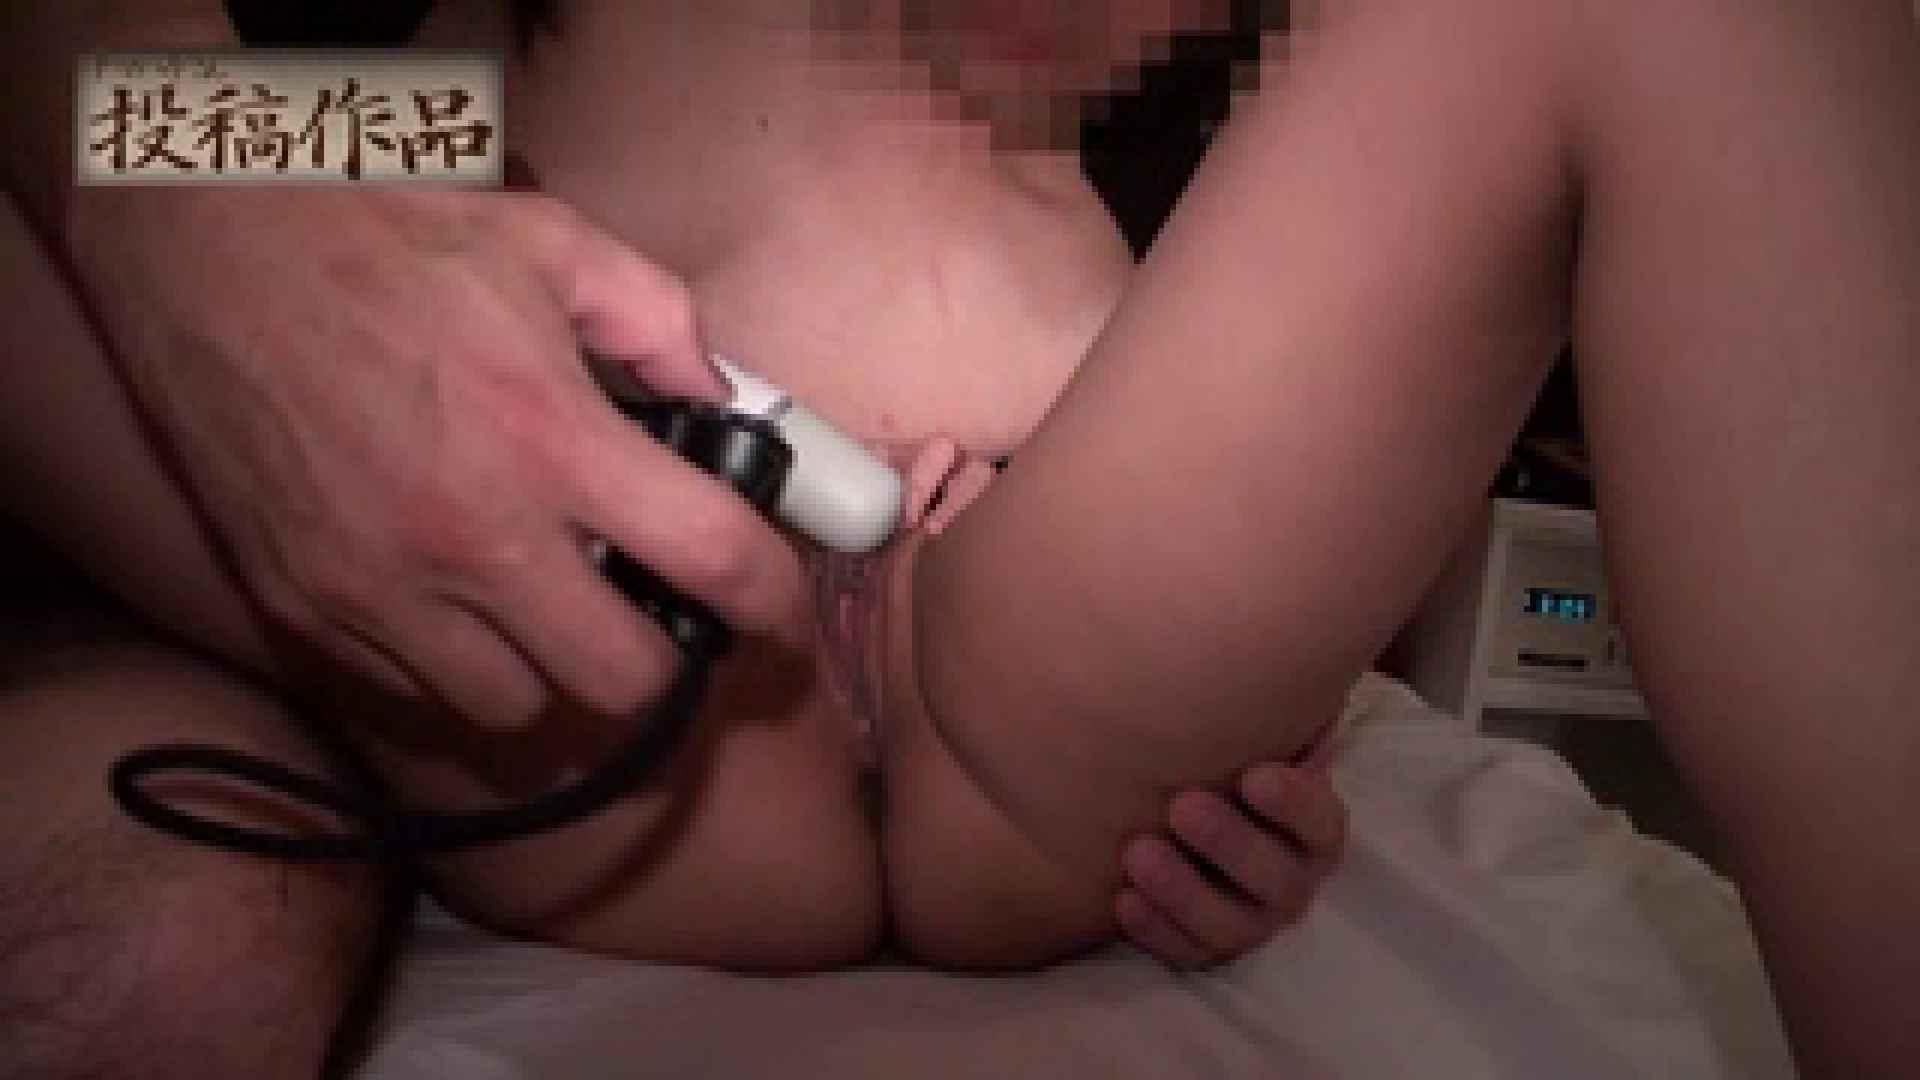 ナマハゲさんのまんこコレクション第3弾 mei3回目の登場 フェラ  69連発 10